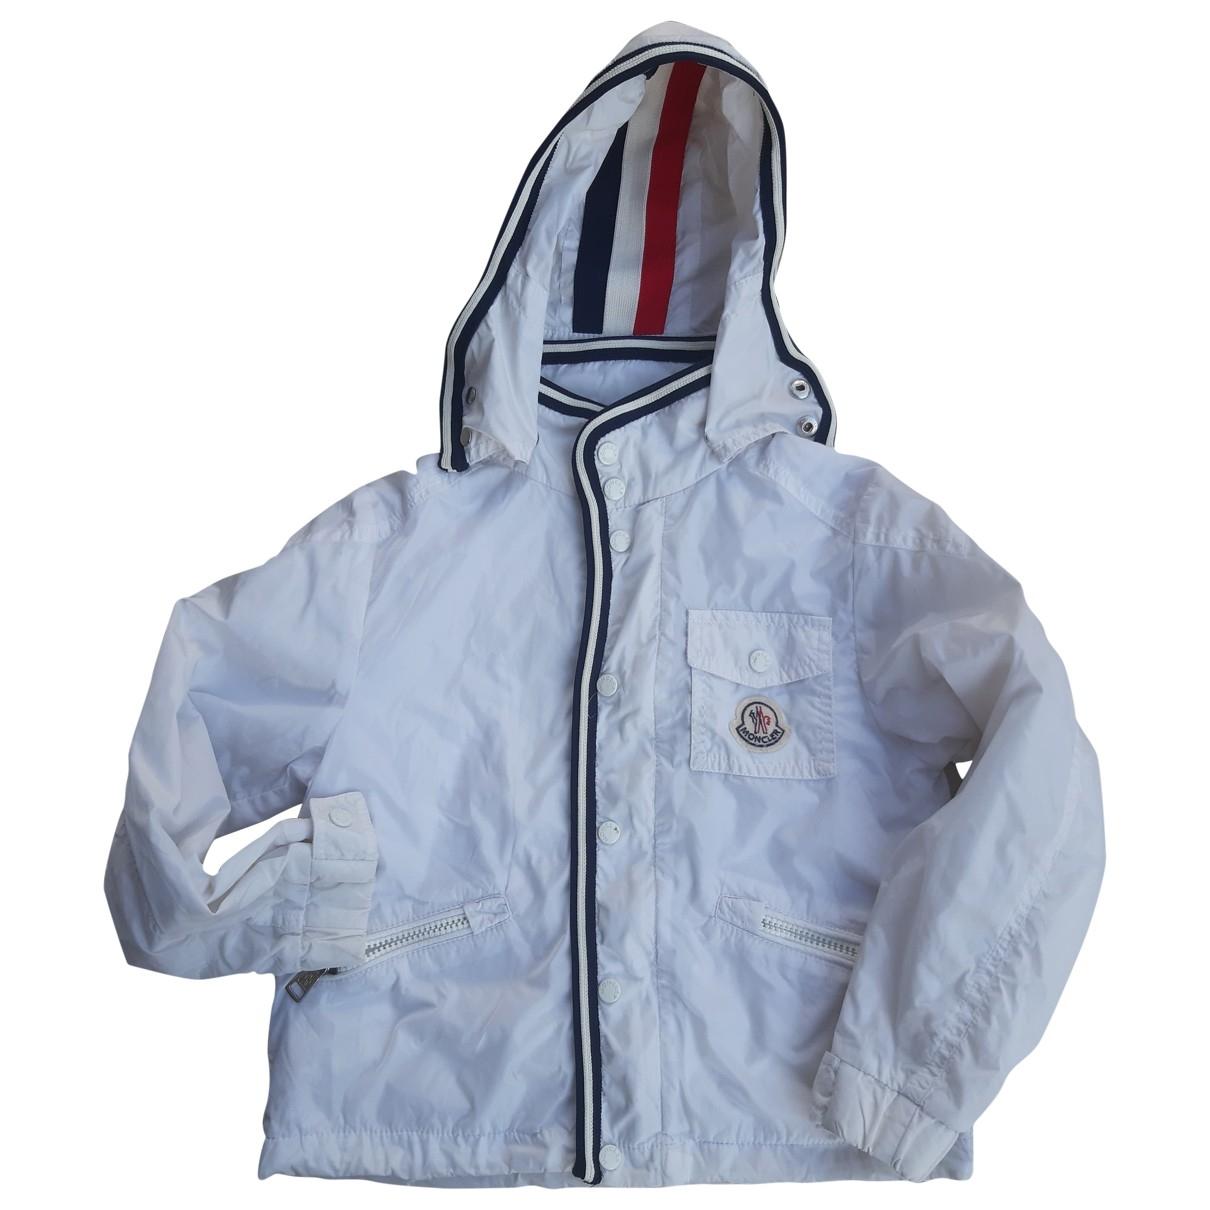 Moncler - Blousons.Manteaux   pour enfant - blanc